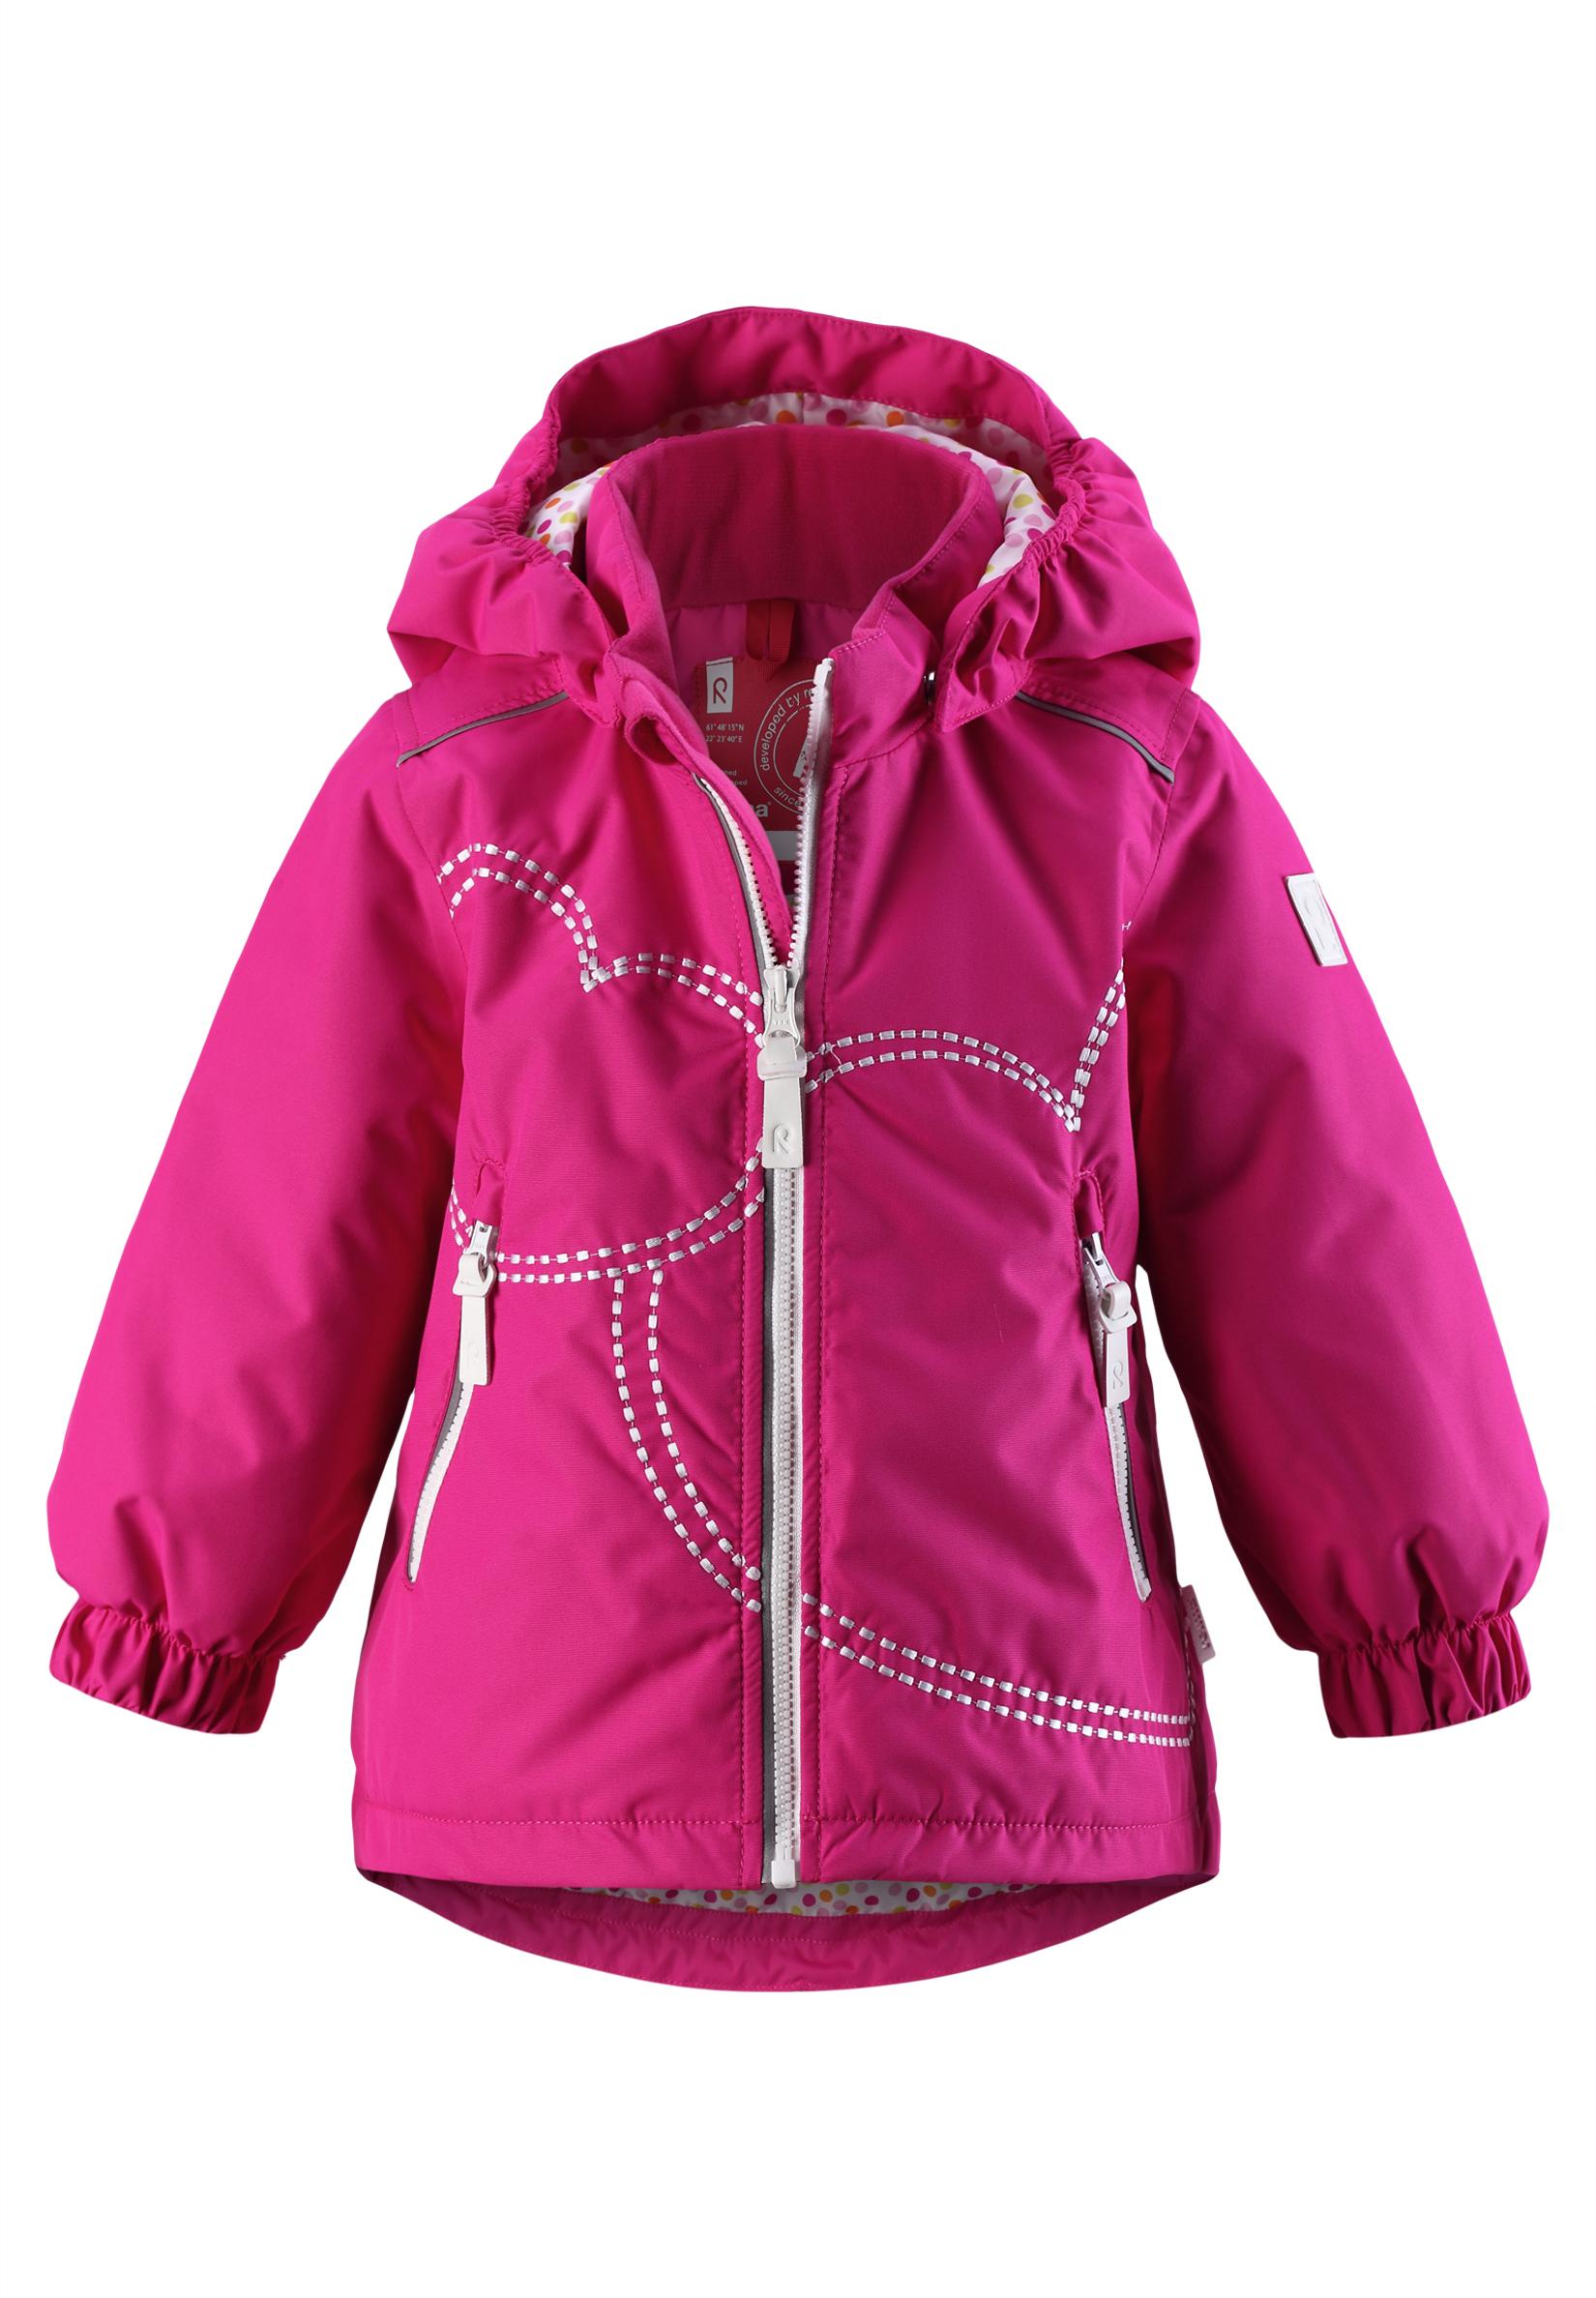 9ccf4512 pink vinterjakke salg available via PricePi.com. Shop the entire ...